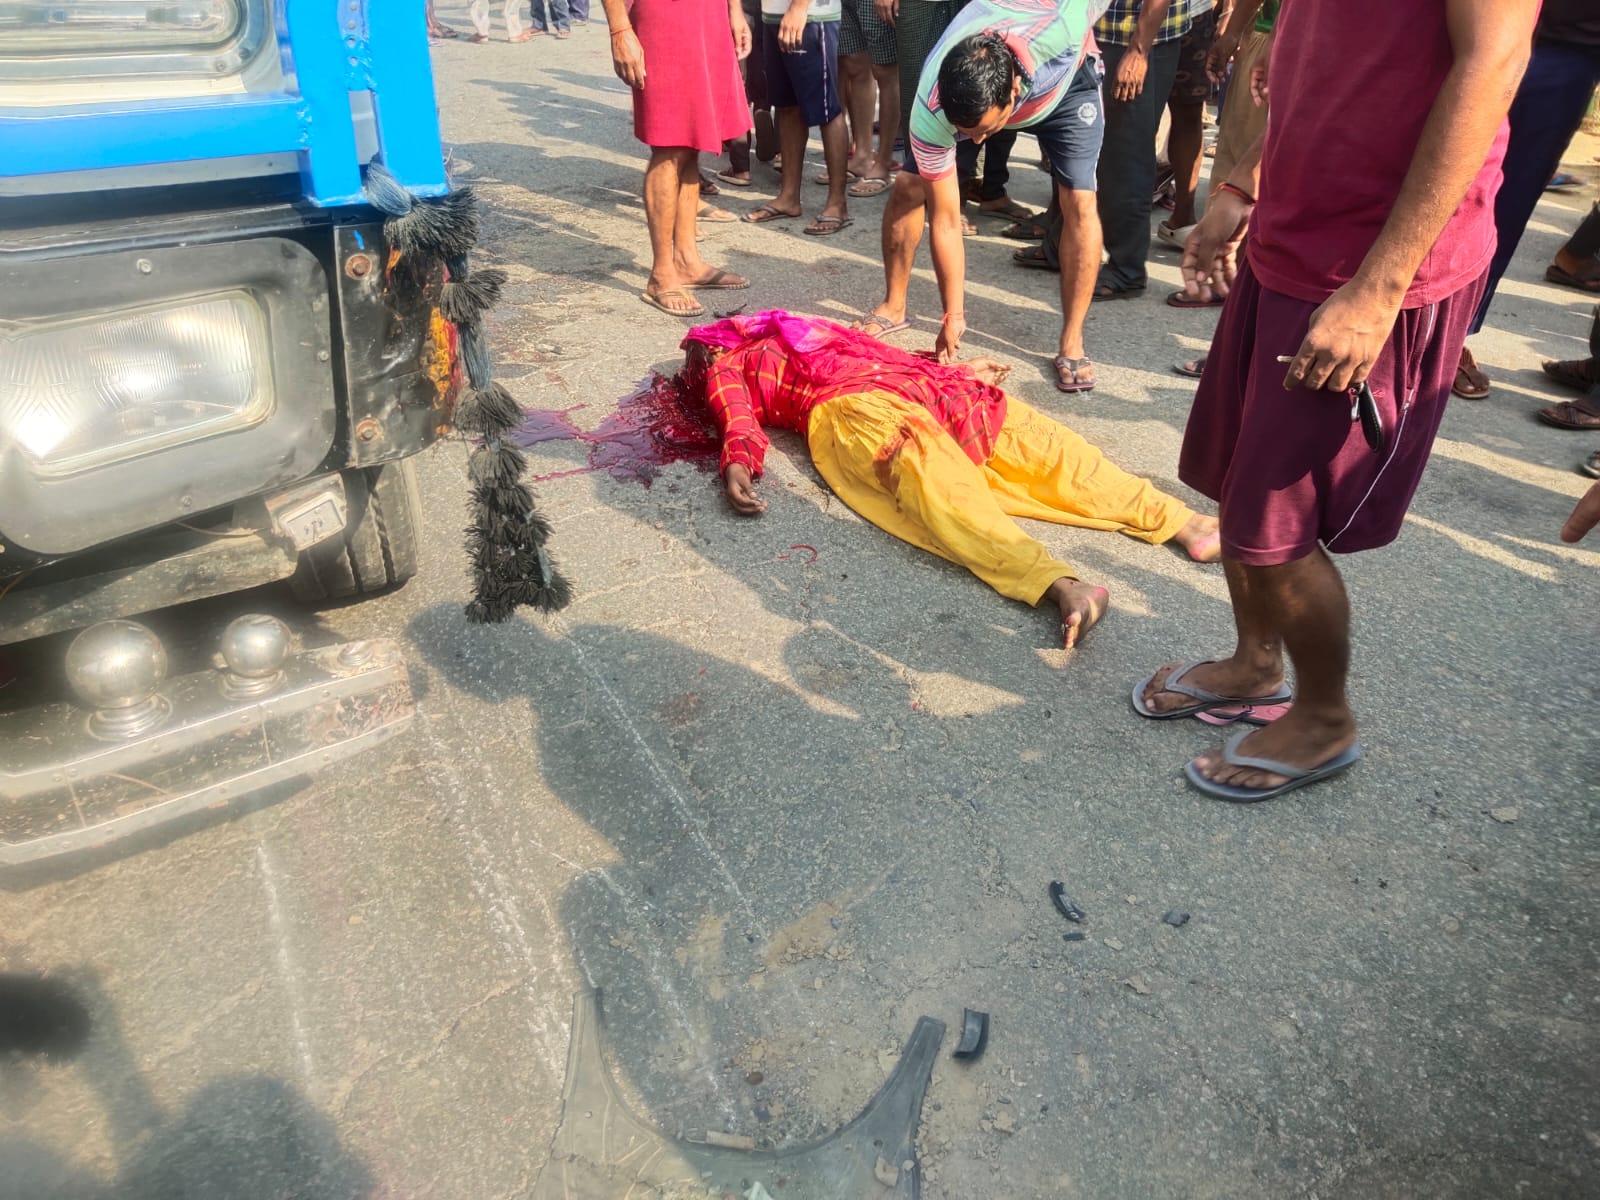 देवर के साथ स्कूटी से जा रही थी, ट्रक ने टक्कर मारने के बाद सिर के ऊपर से निकाला पहिया , मौत|शाहजहांपुर,Shahjahanpur - Dainik Bhaskar